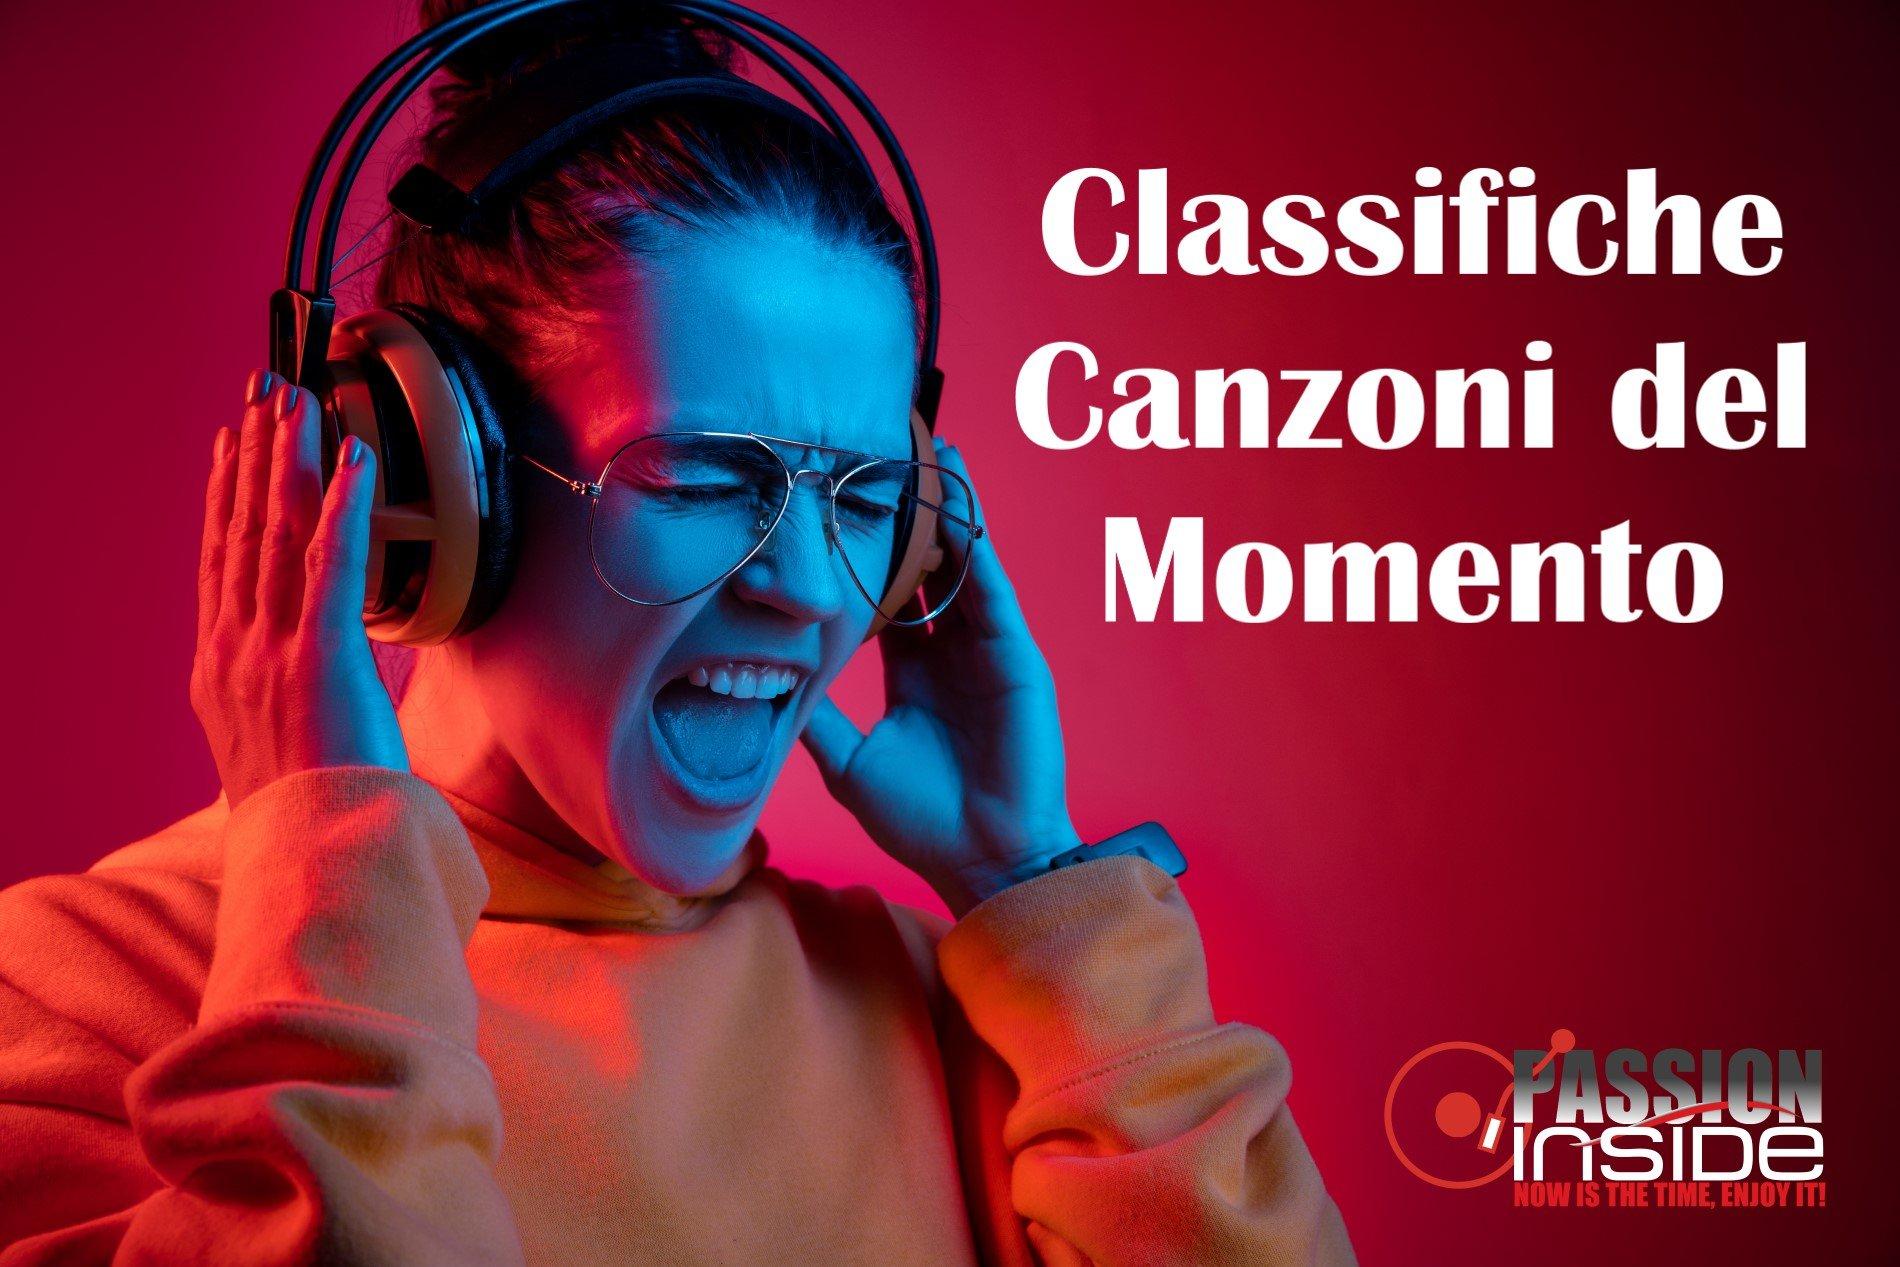 CLASSIFICHE CANZONI